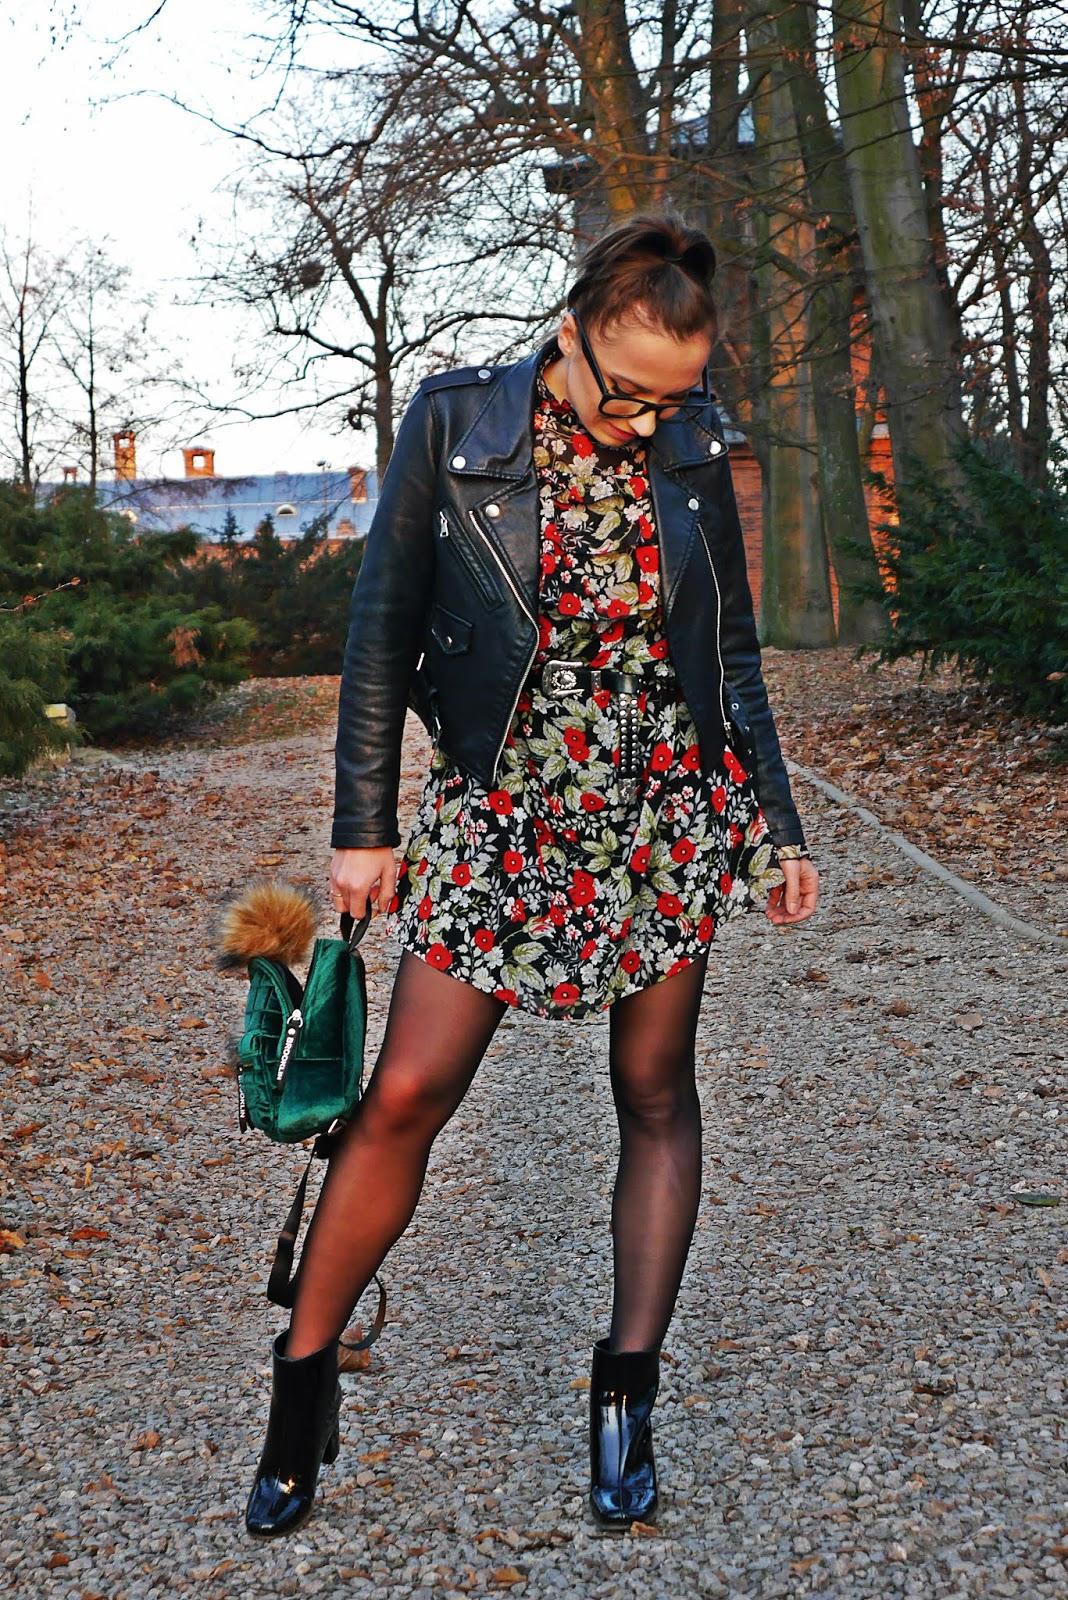 sukienka w kwiaty lakierowane botki bonprix czarna ramoneska karyn blog modowy blogerka modowa ciekawy blog o modzie modowe stylizacje puławy